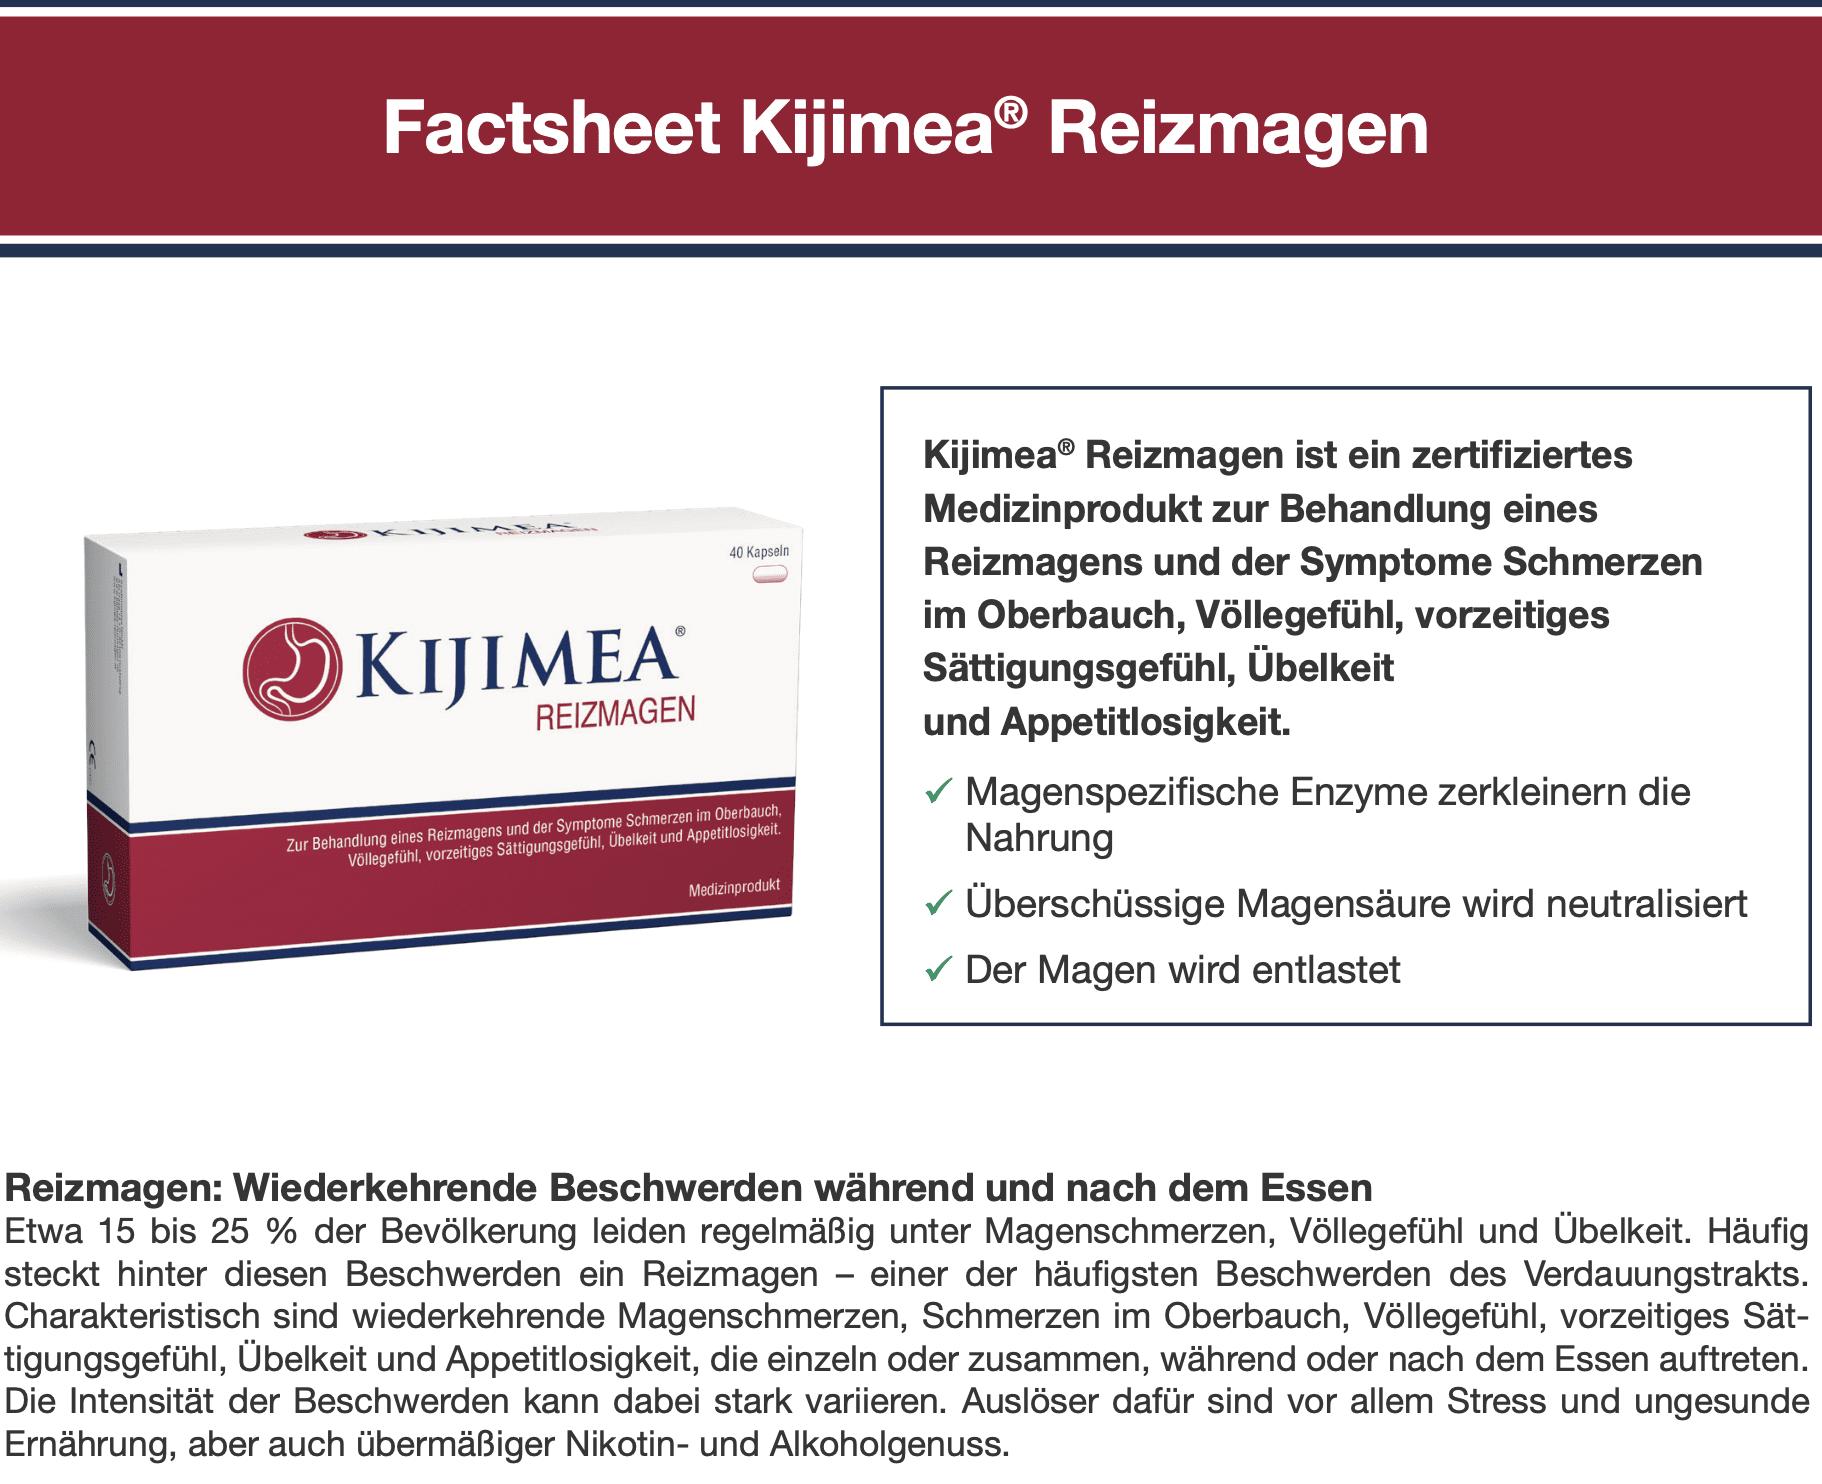 Factsheet Kijimea Reizmagen